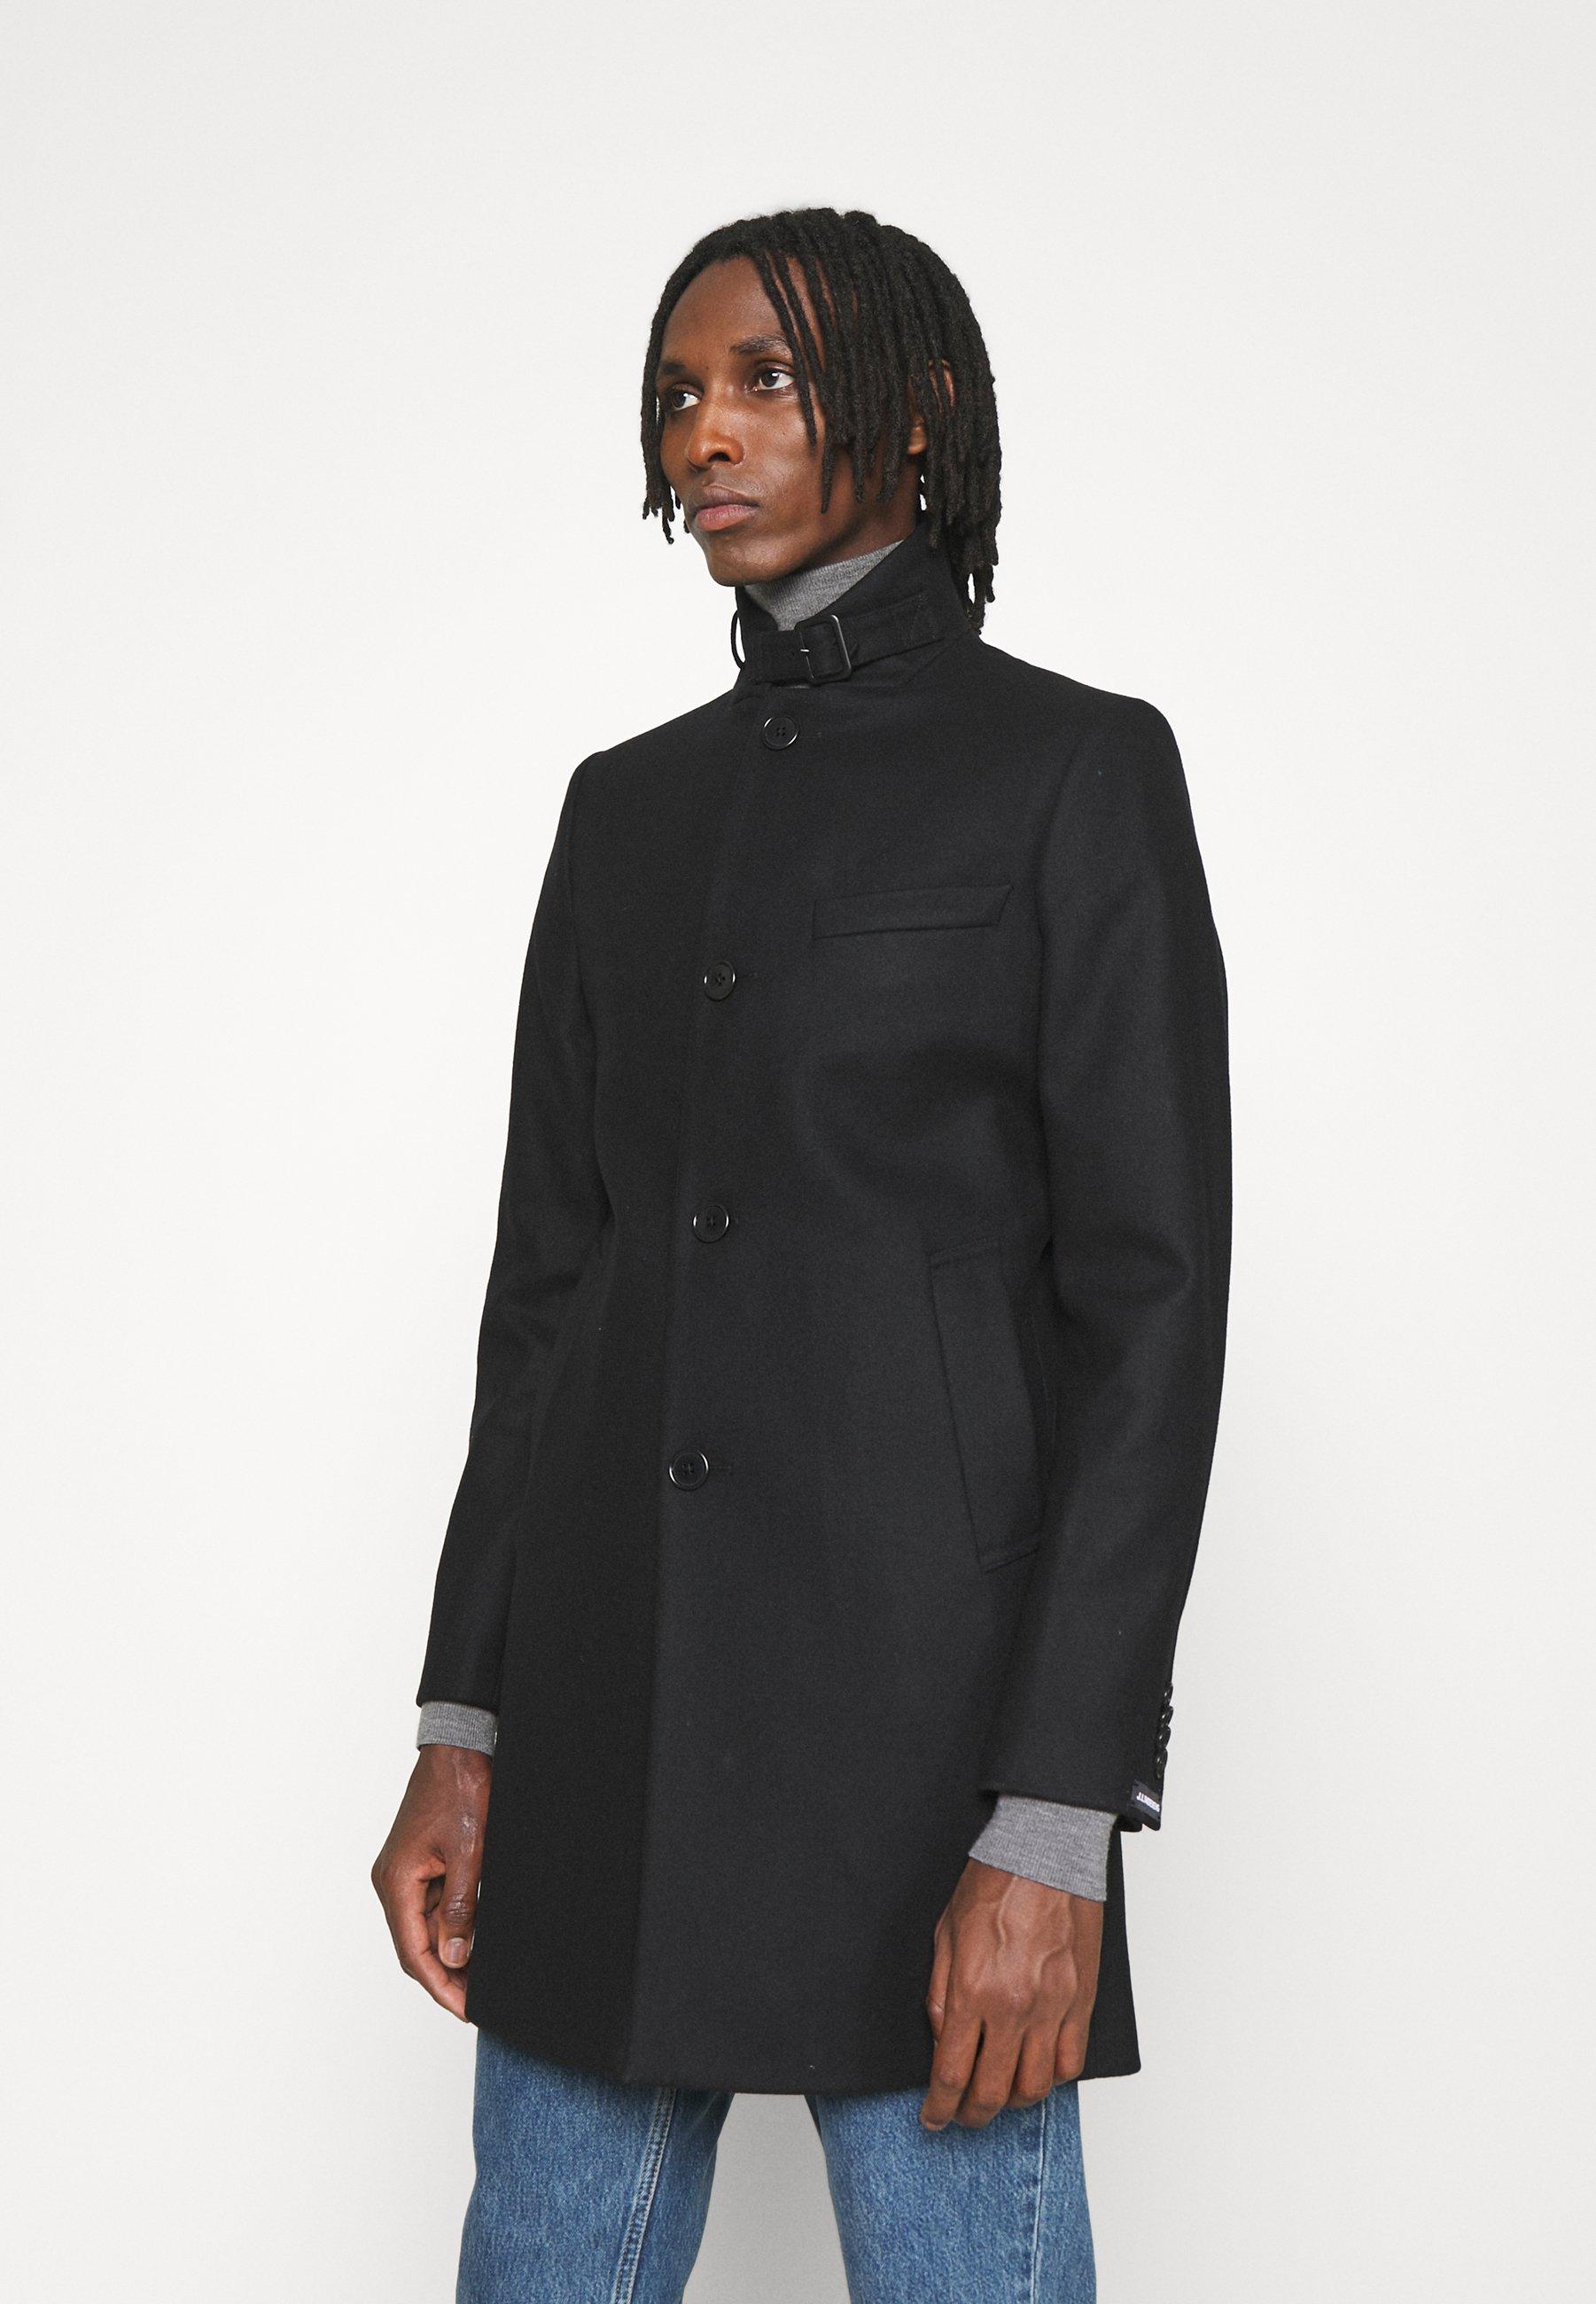 Homme HOLGER COMPACT MELTON COAT - Manteau classique